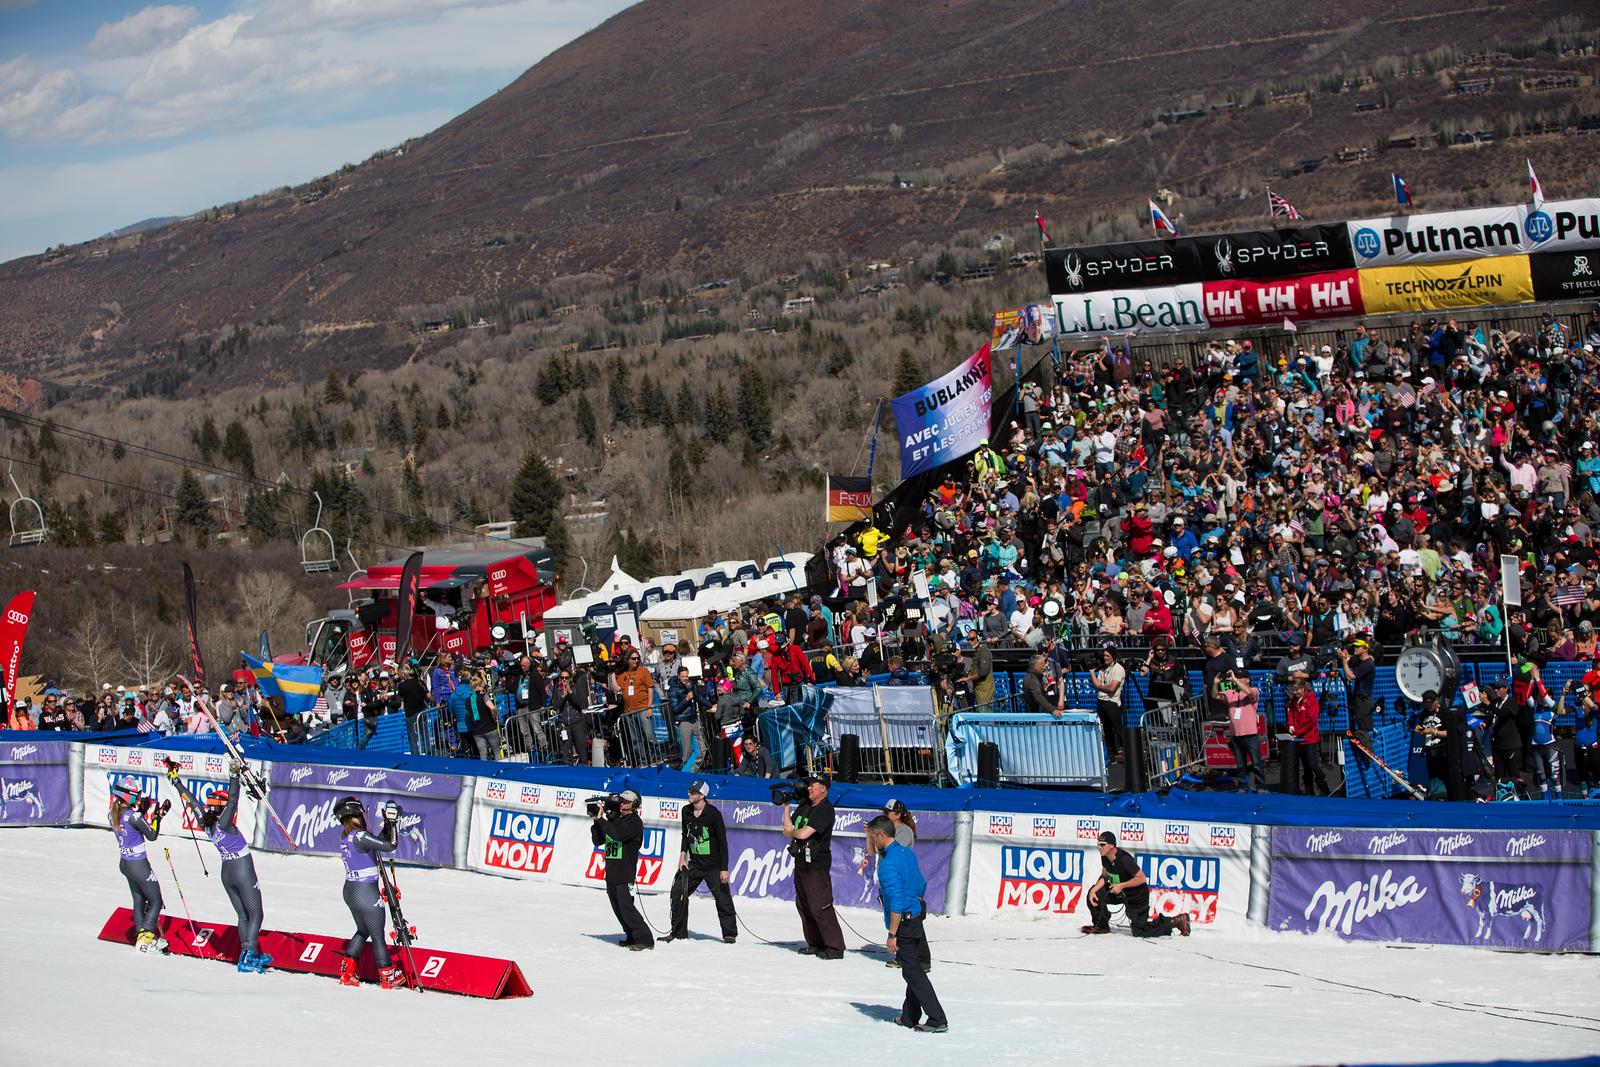 Sofia Goggia, Federica Brignone and Marta Bassino GS 2017 Audi FIS Ski World Cup finals in Aspen, CO. Photo: U.S. Ski Team